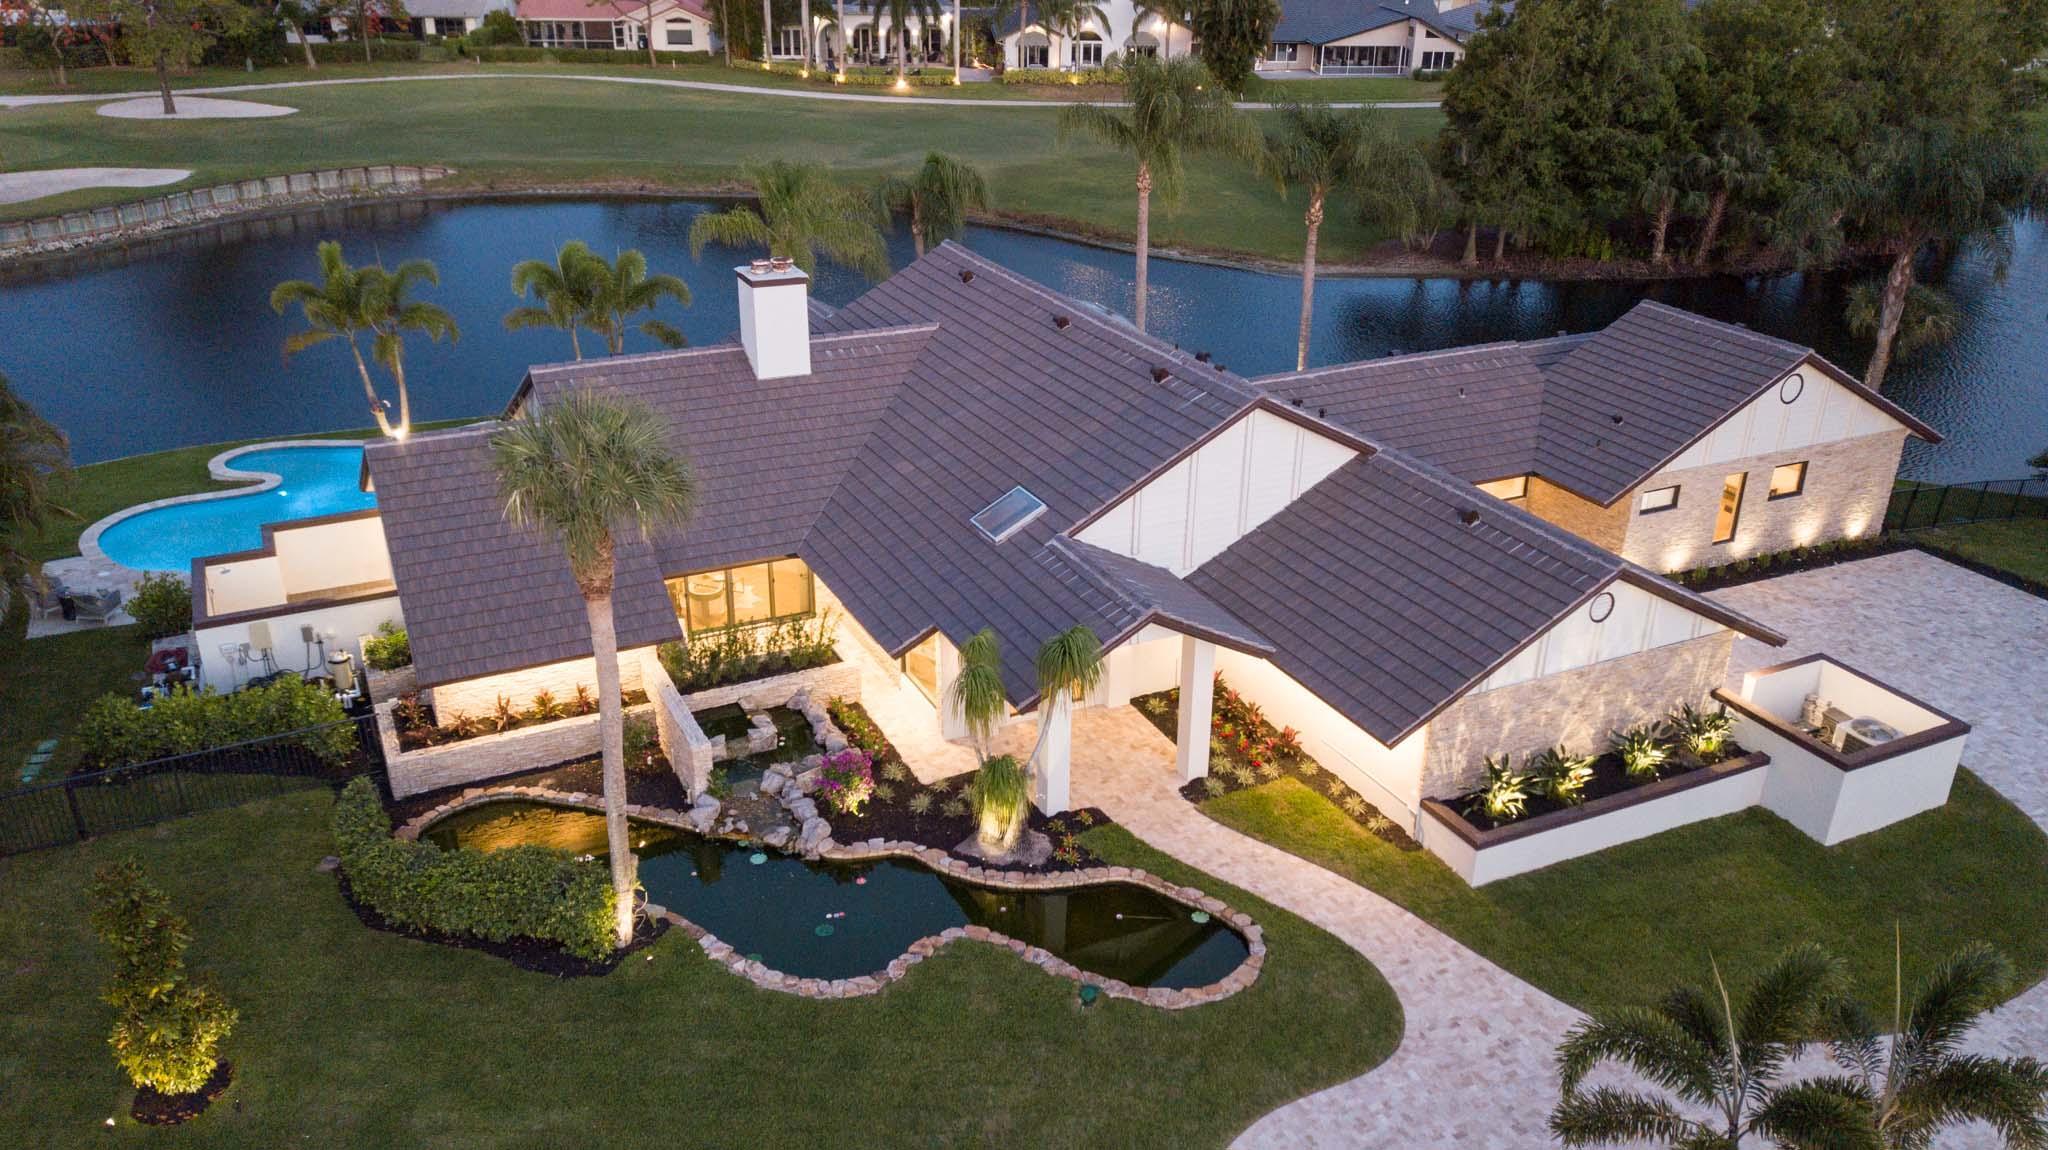 910 Greensward Lane, Delray Beach, Florida 33445, 4 Bedrooms Bedrooms, ,3.1 BathroomsBathrooms,Single Family Detached,For Sale,Greensward,RX-10720977